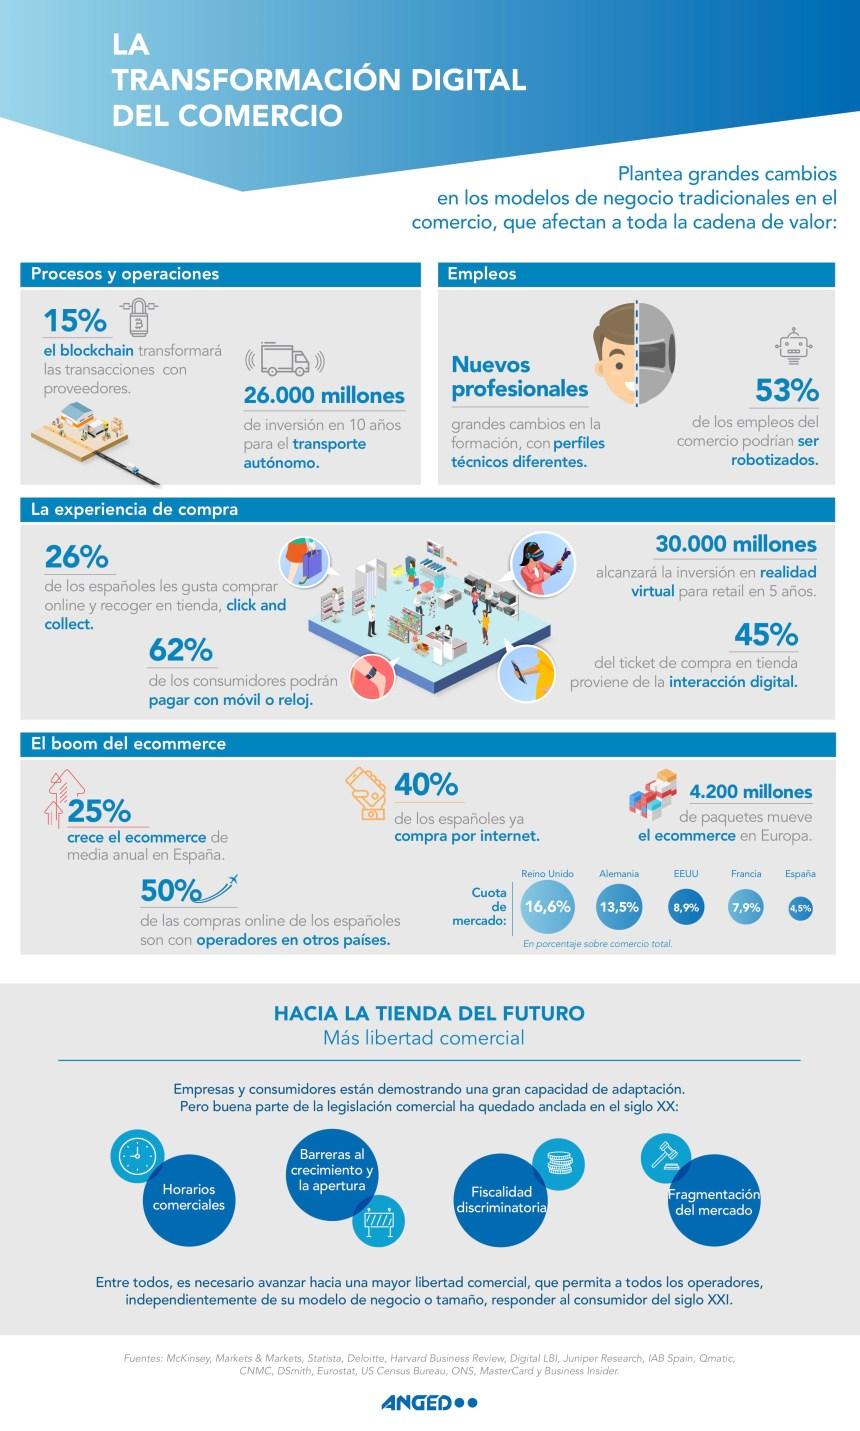 Transformación digital del Comercio